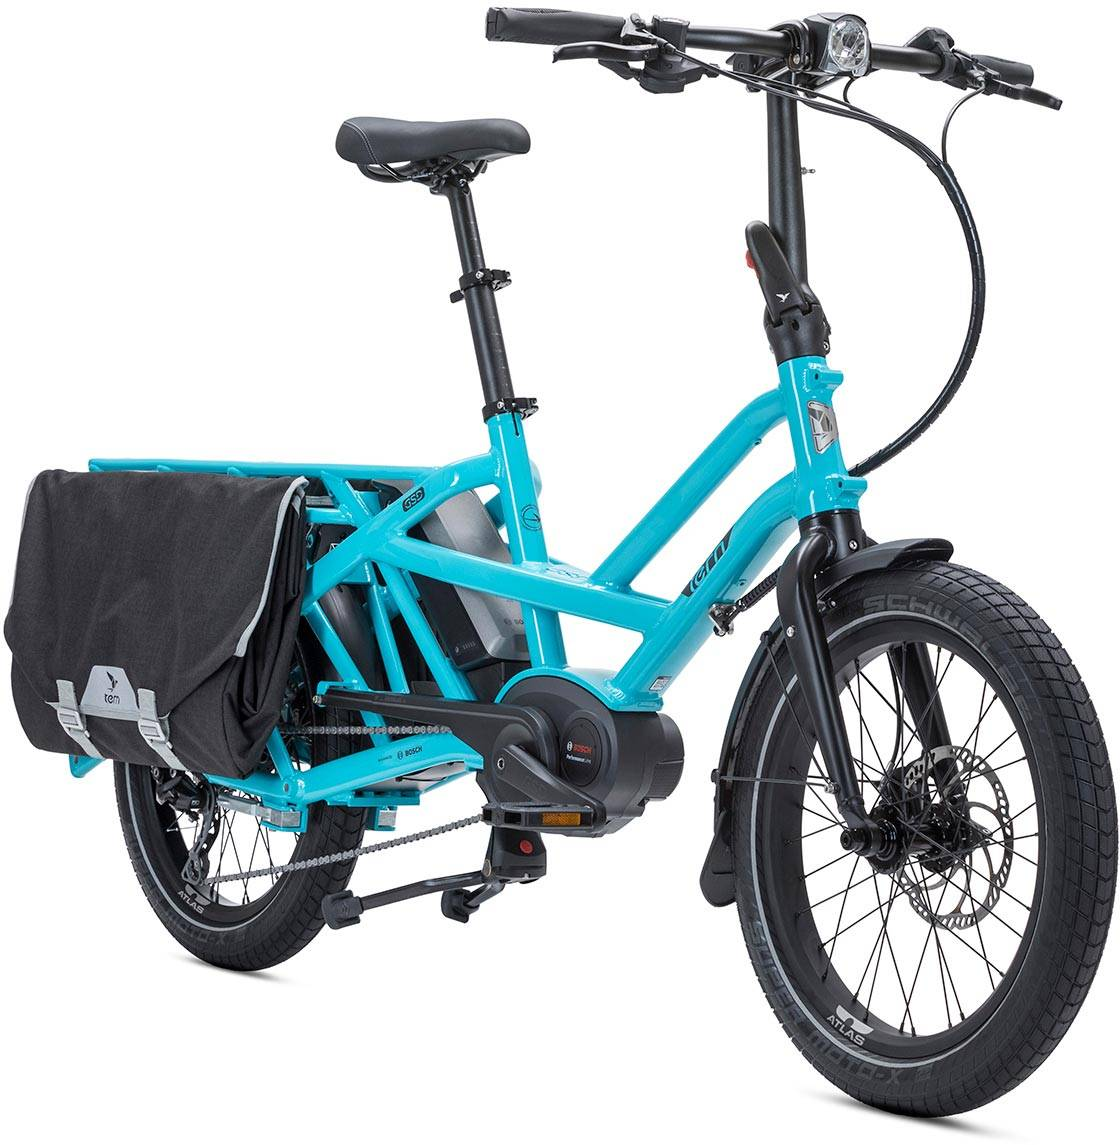 Tern GSD S10 E-Bike Lastenfahrrad ▷ Jetzt preiswert online kaufen ...